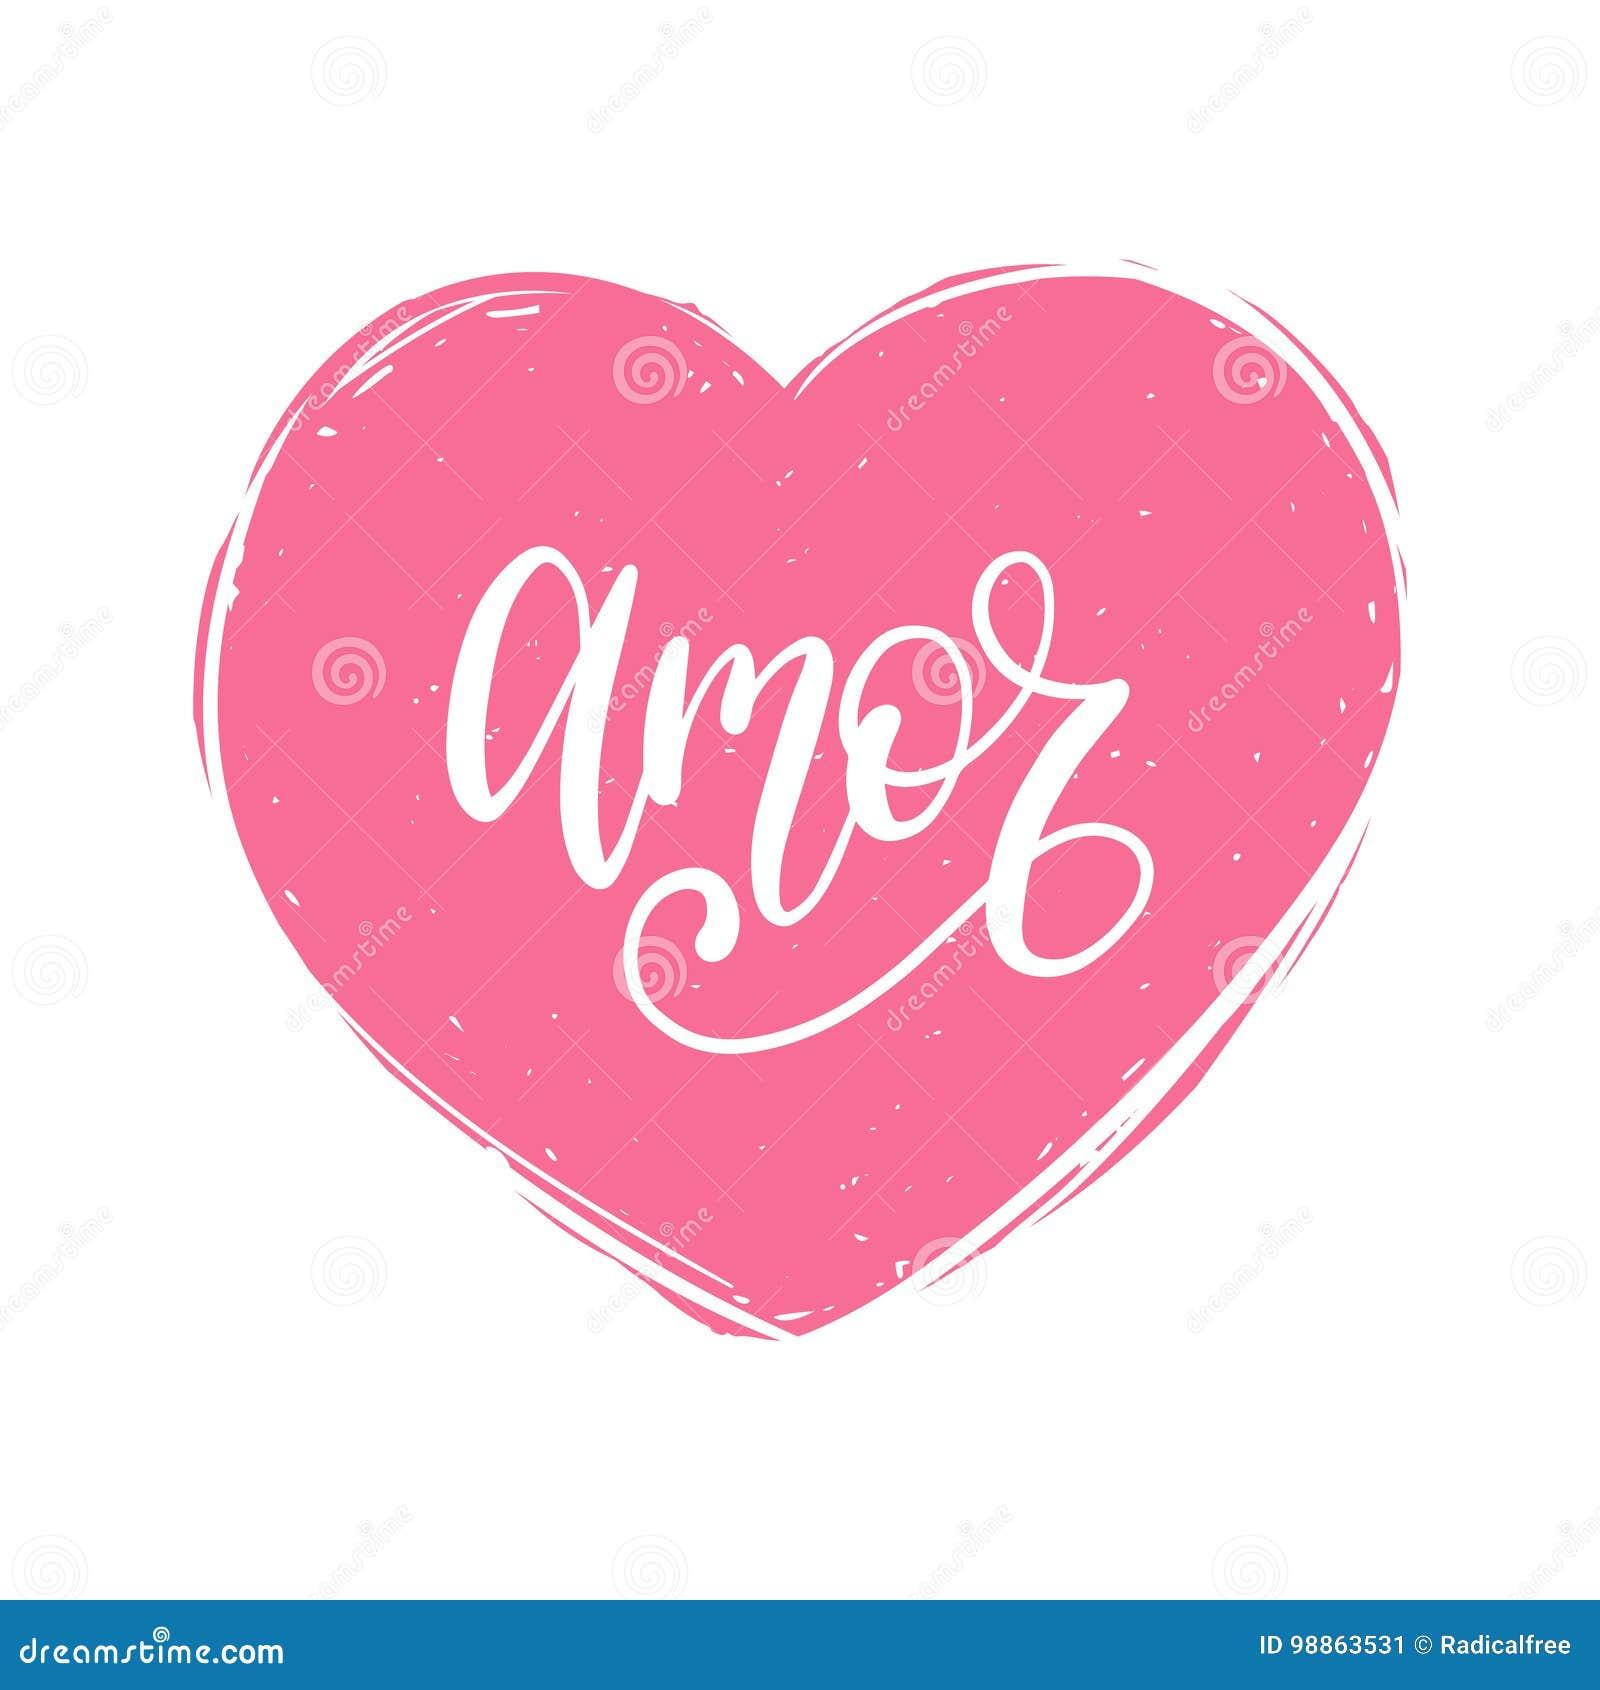 Vector La Caligrafia De Amor Traduccion Espanola De Frase Del Amor